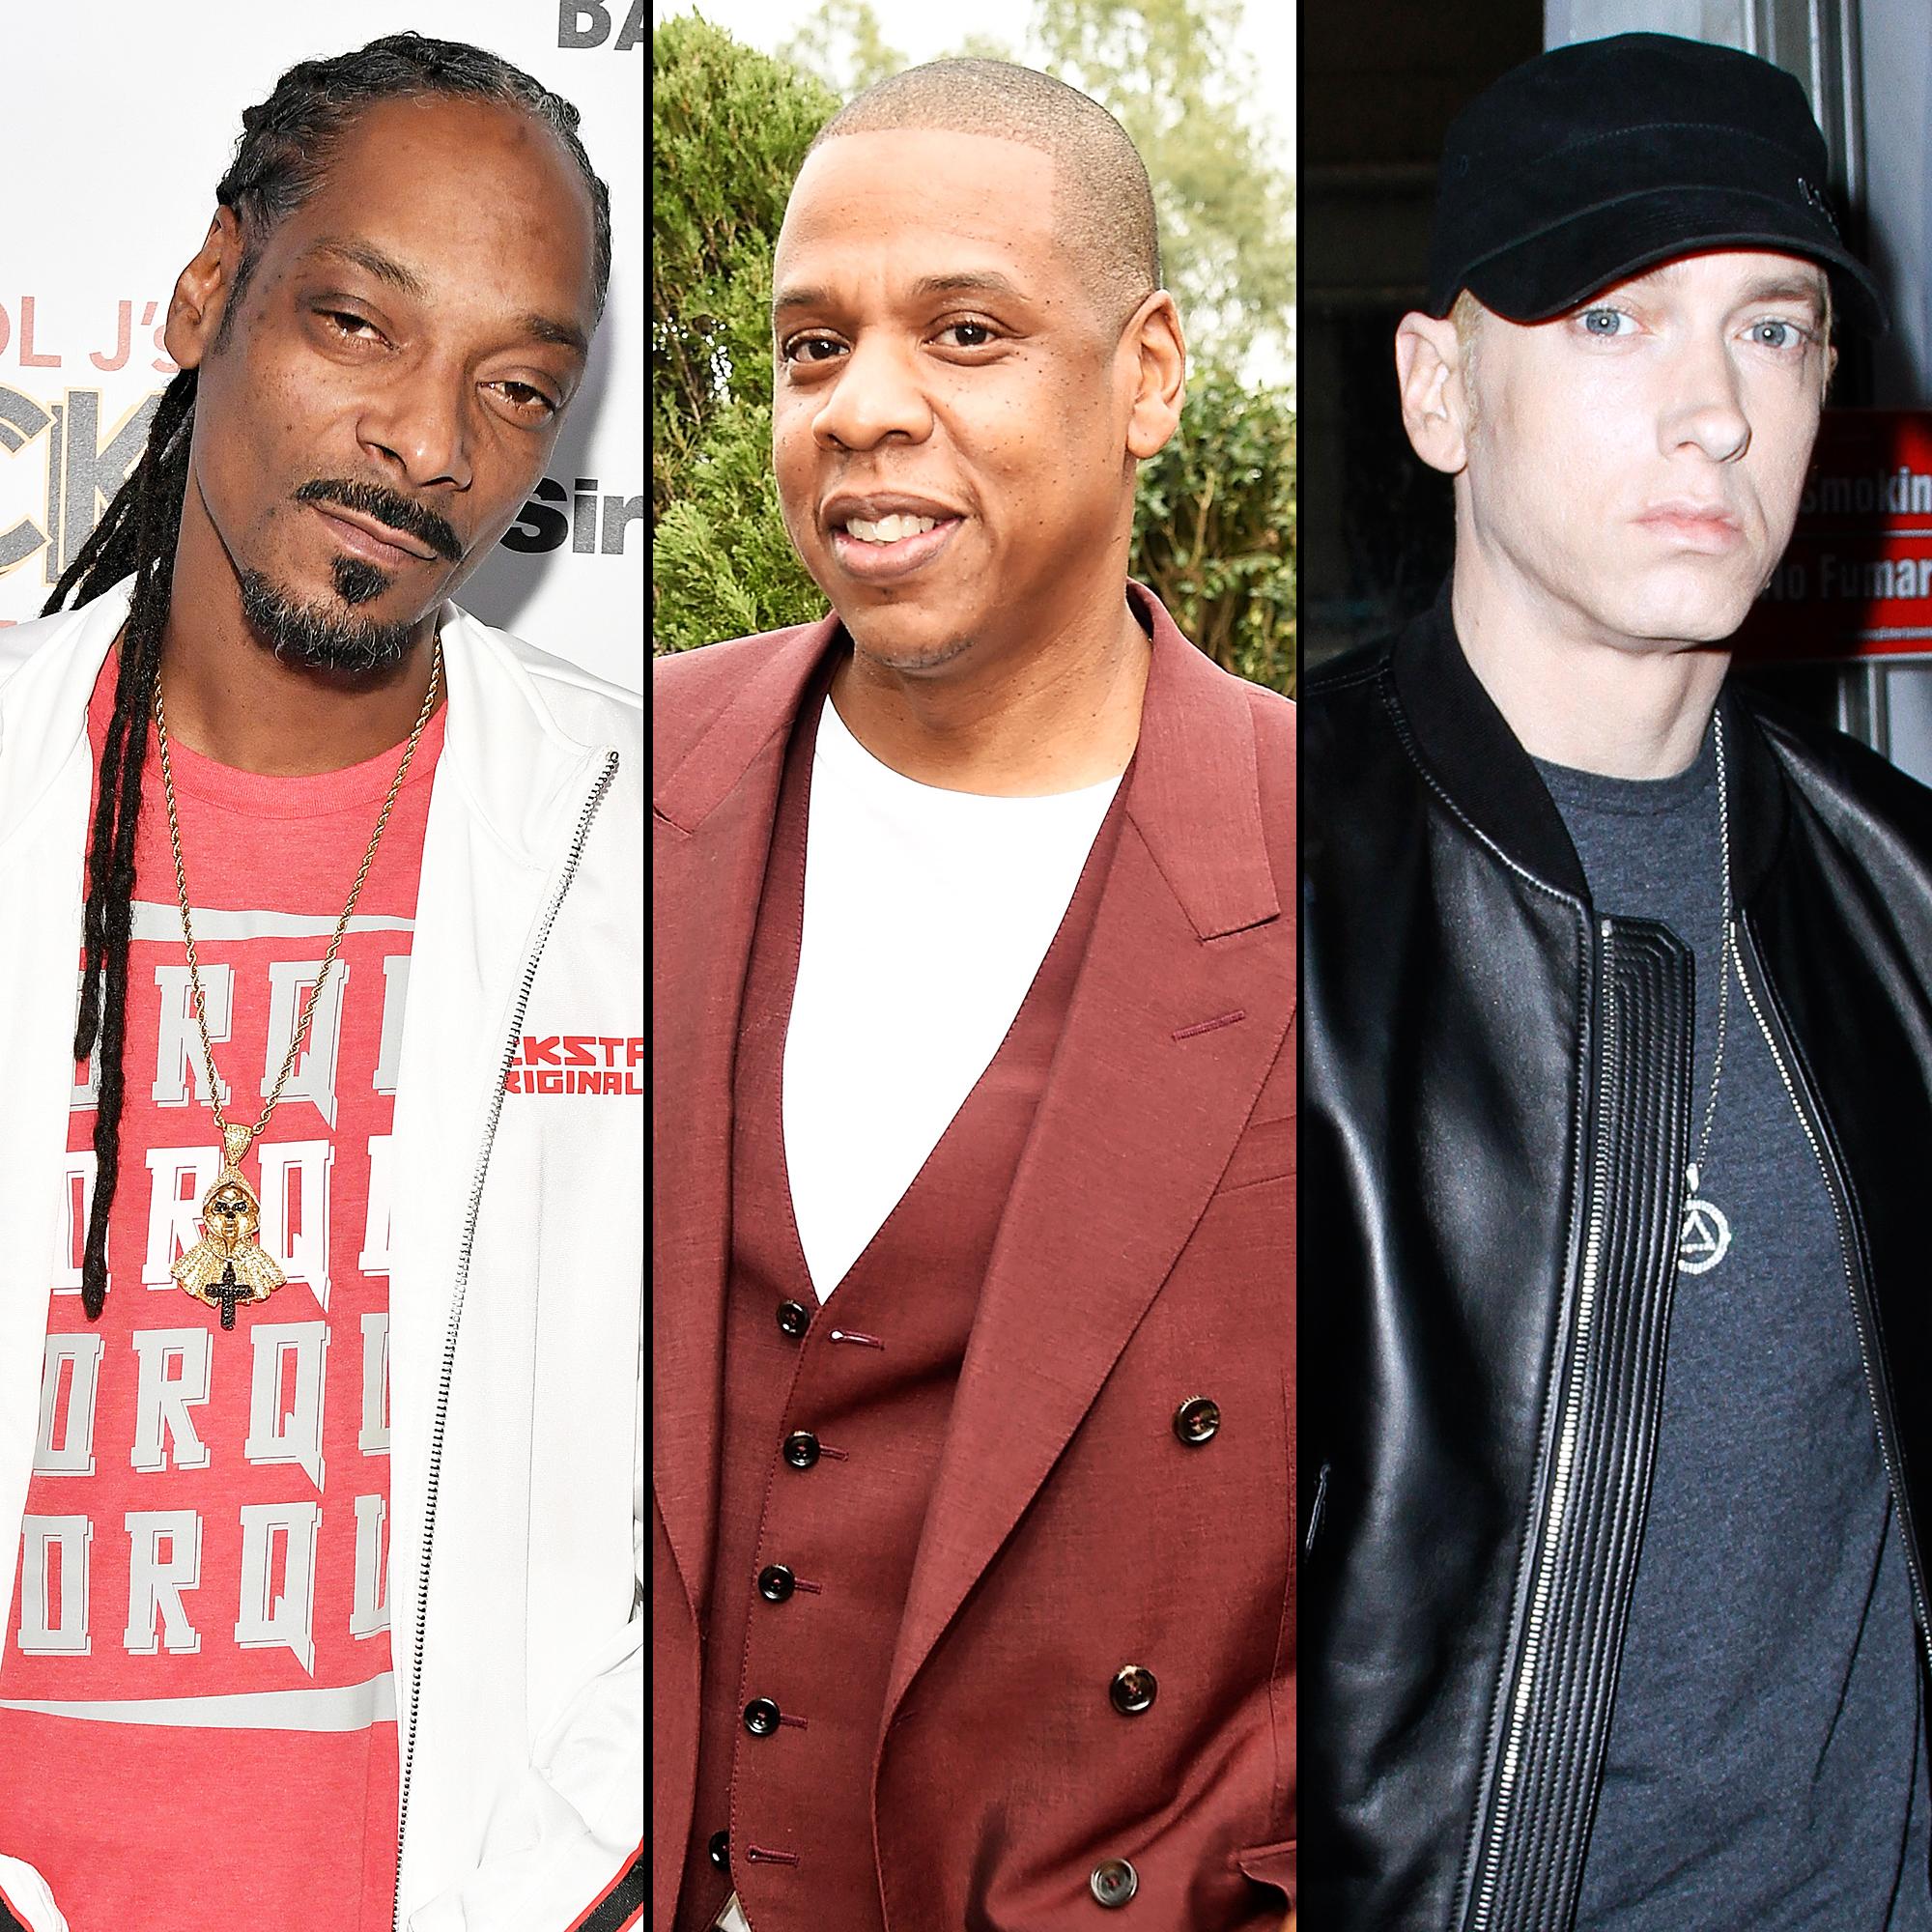 Snoop Dogg, Jay-Z and Eminem